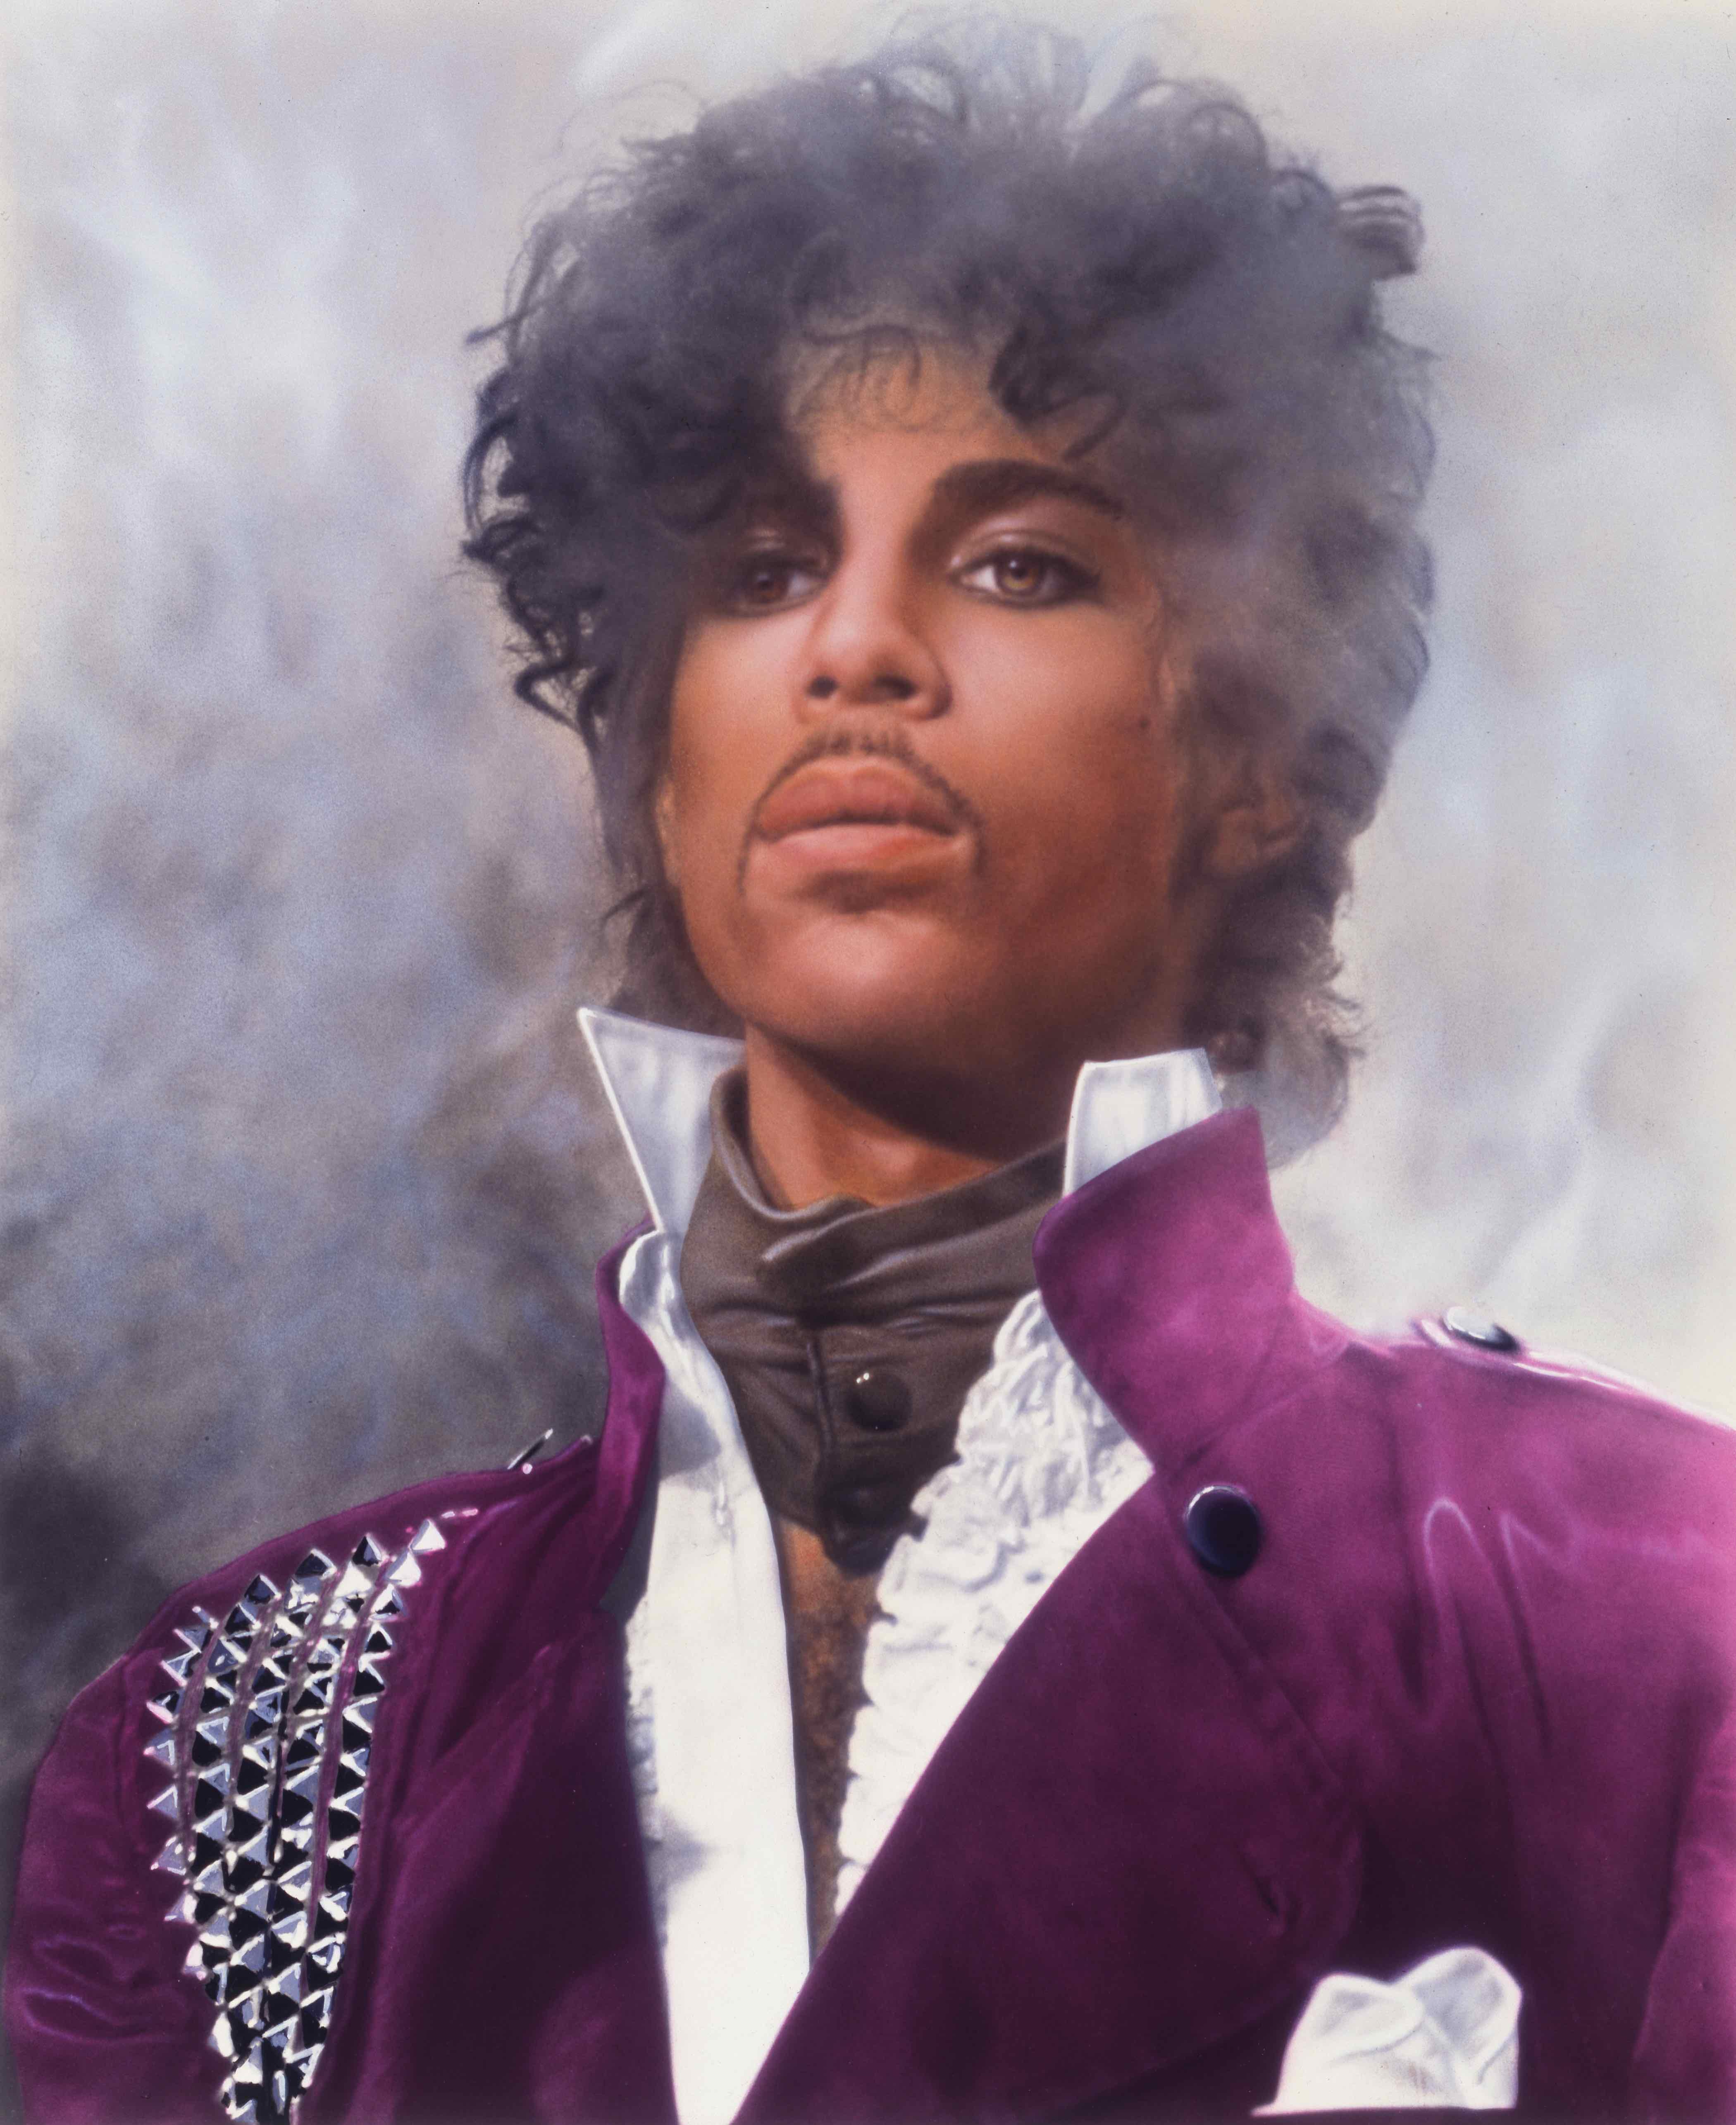 1999 Prince Allen Beaulieu 1